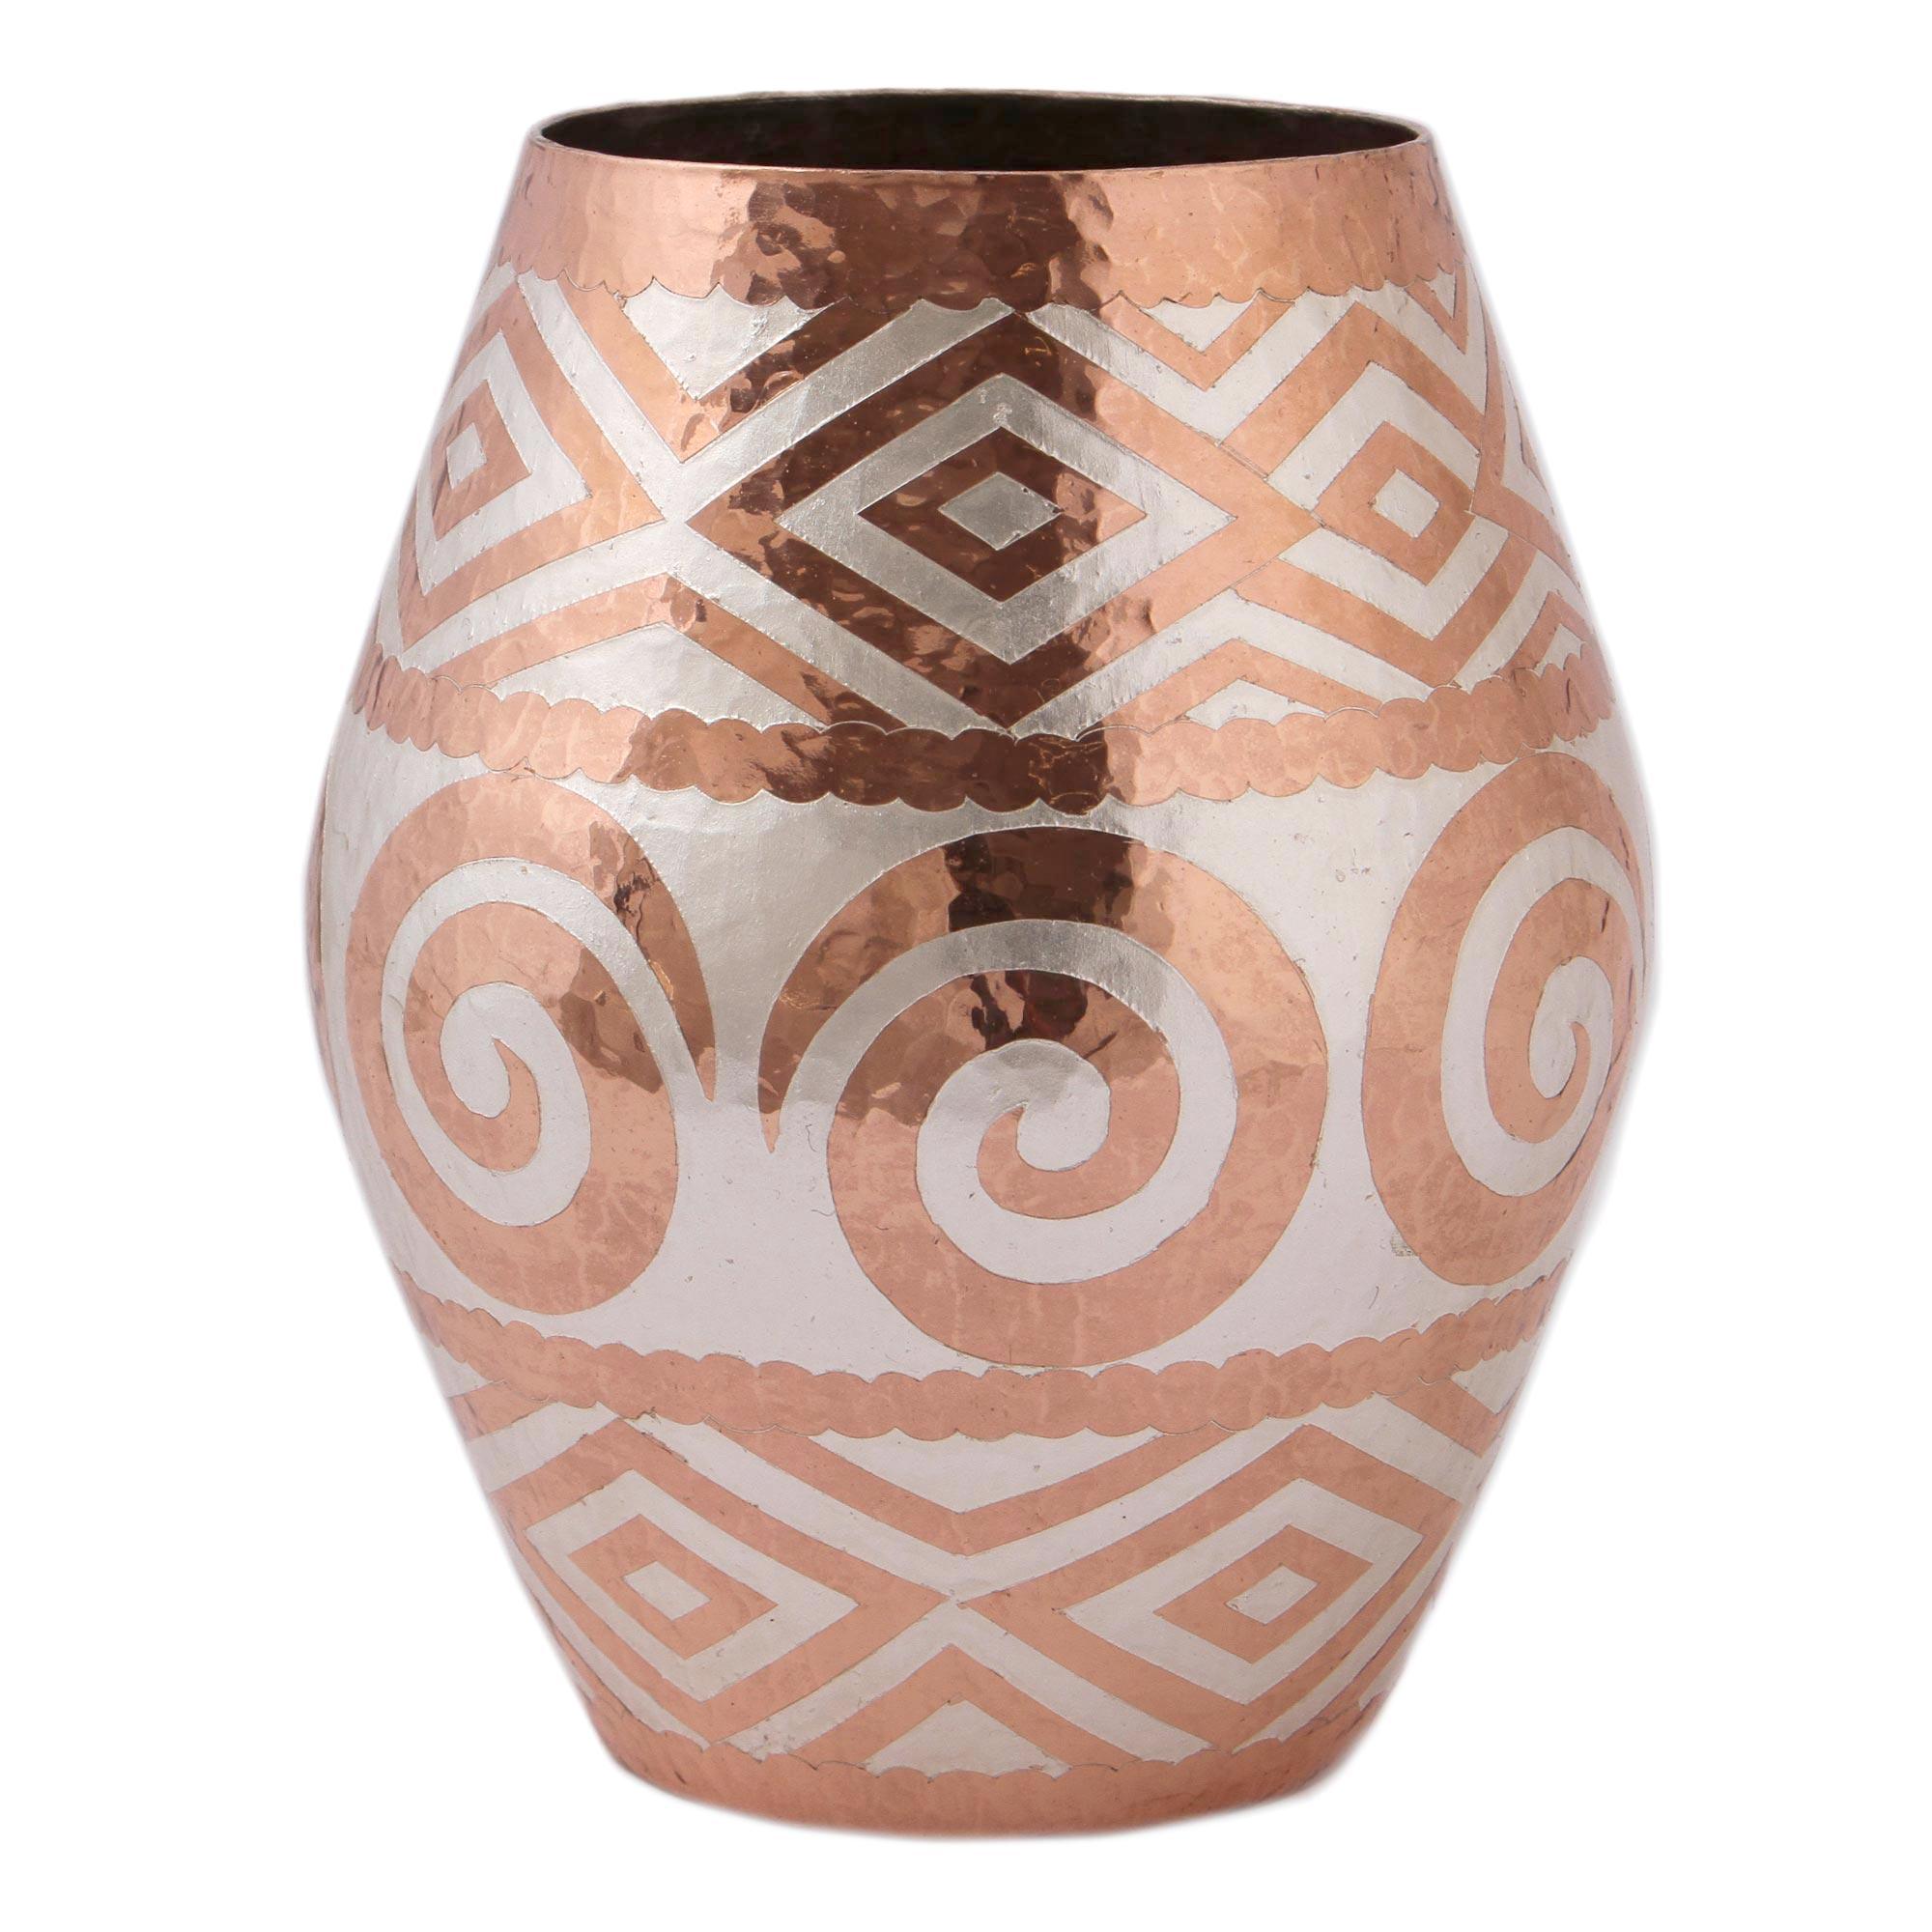 Spiral vase handmade ceramics